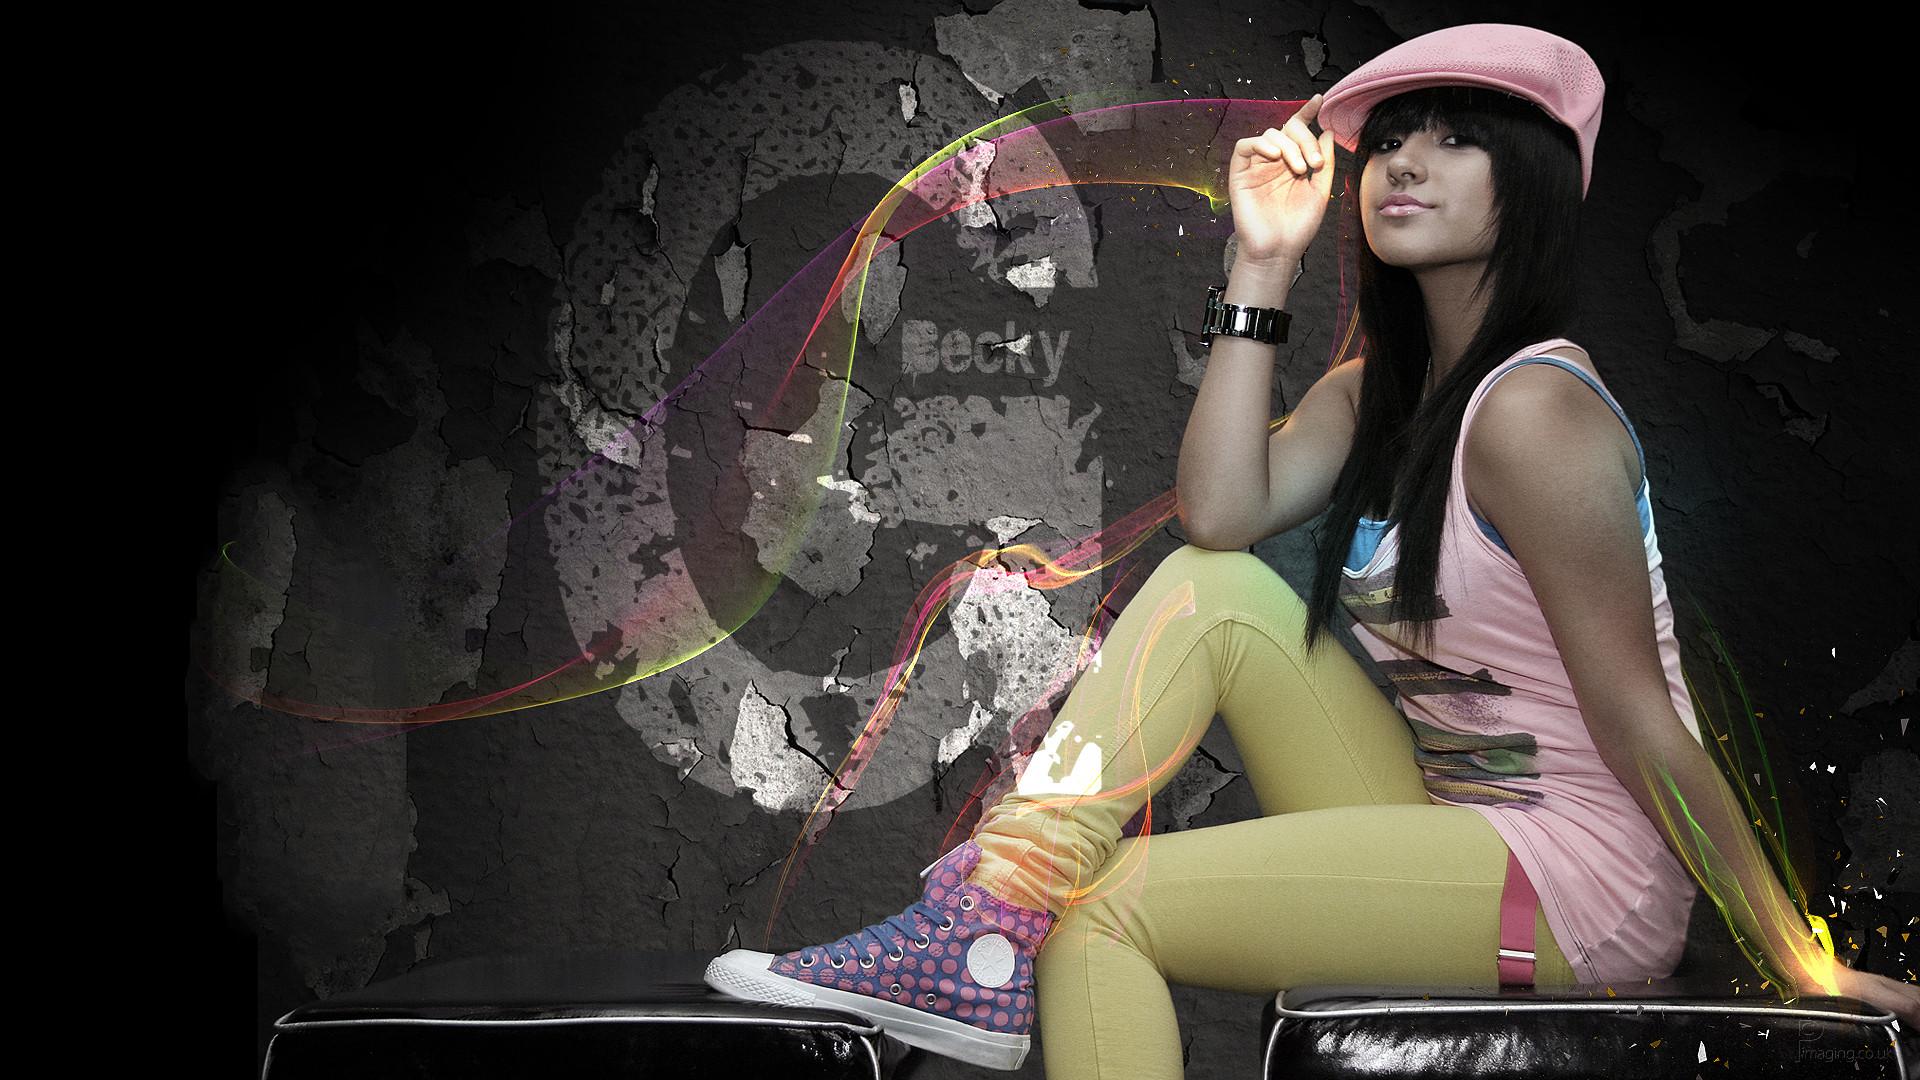 Becky G 2013 wallpaper | High Quality Wallpapers,Wallpaper Desktop .